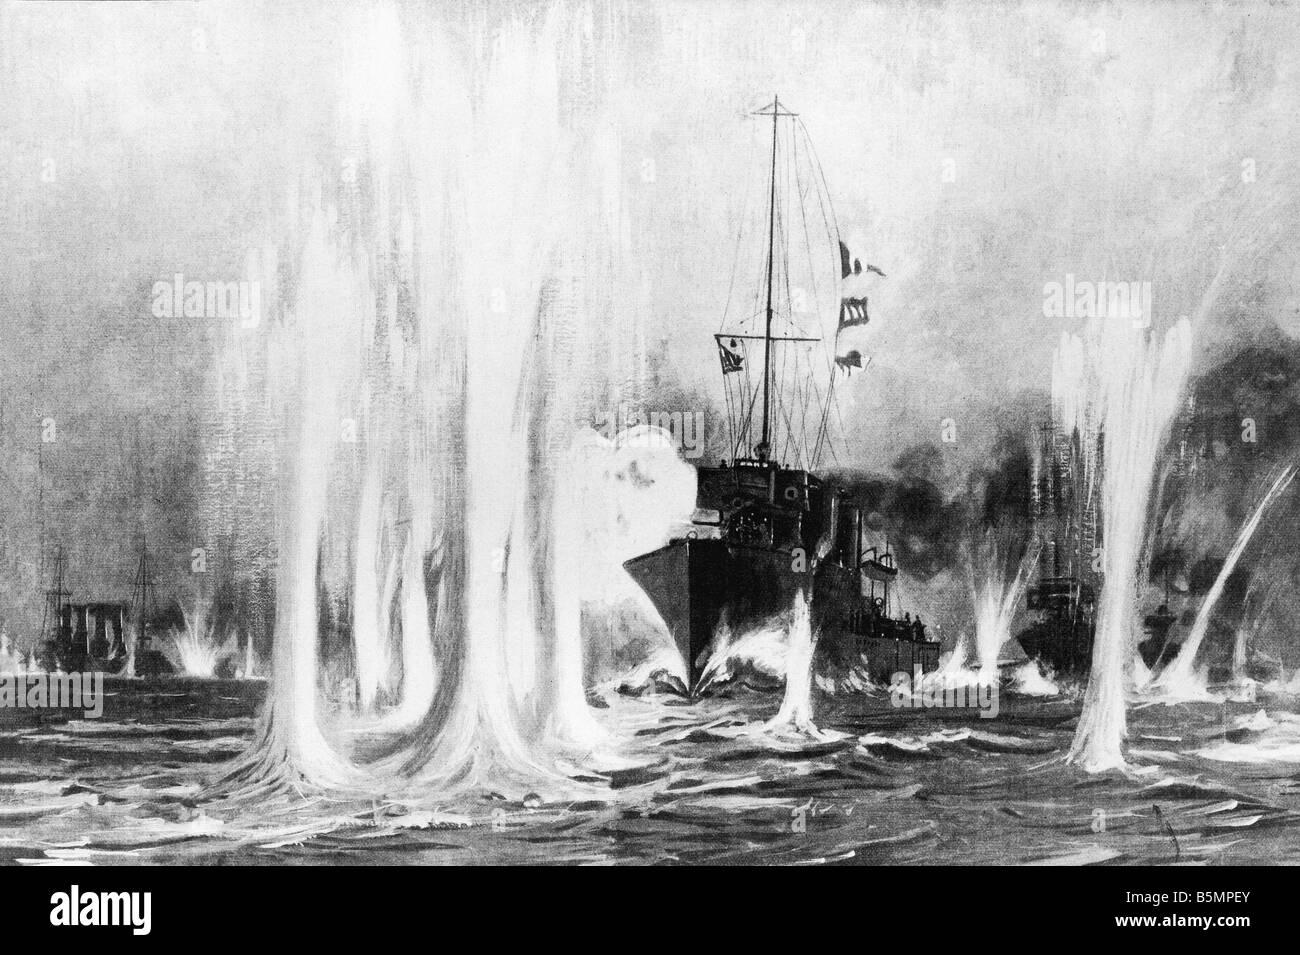 9 1914 8 28 A1 E Naval battle August 1914 wood eng World War 1 War at sea Naval battle at Helgoland 28 8 1914 Battle - Stock Image